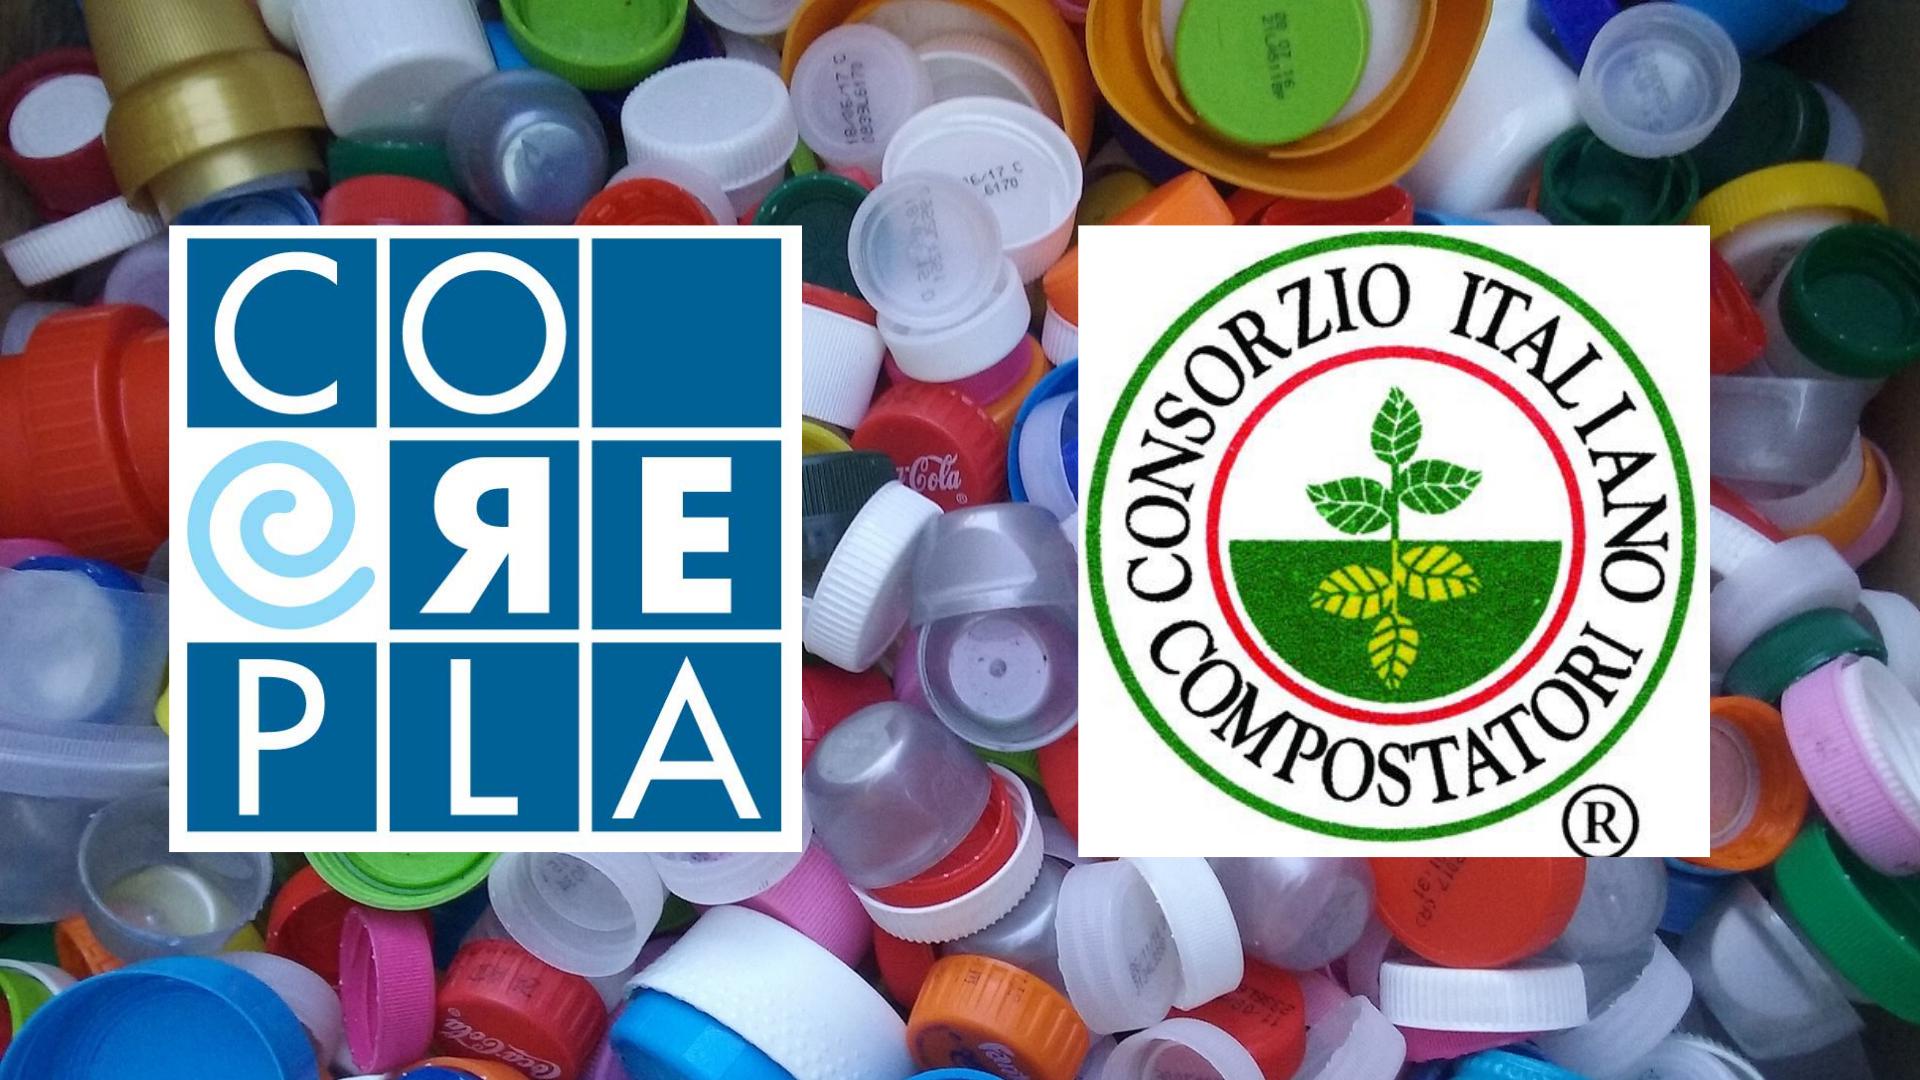 Rifiuti organici e plastici: Corepla e Cic uniti per migliorare la qualità della raccolta differenziata